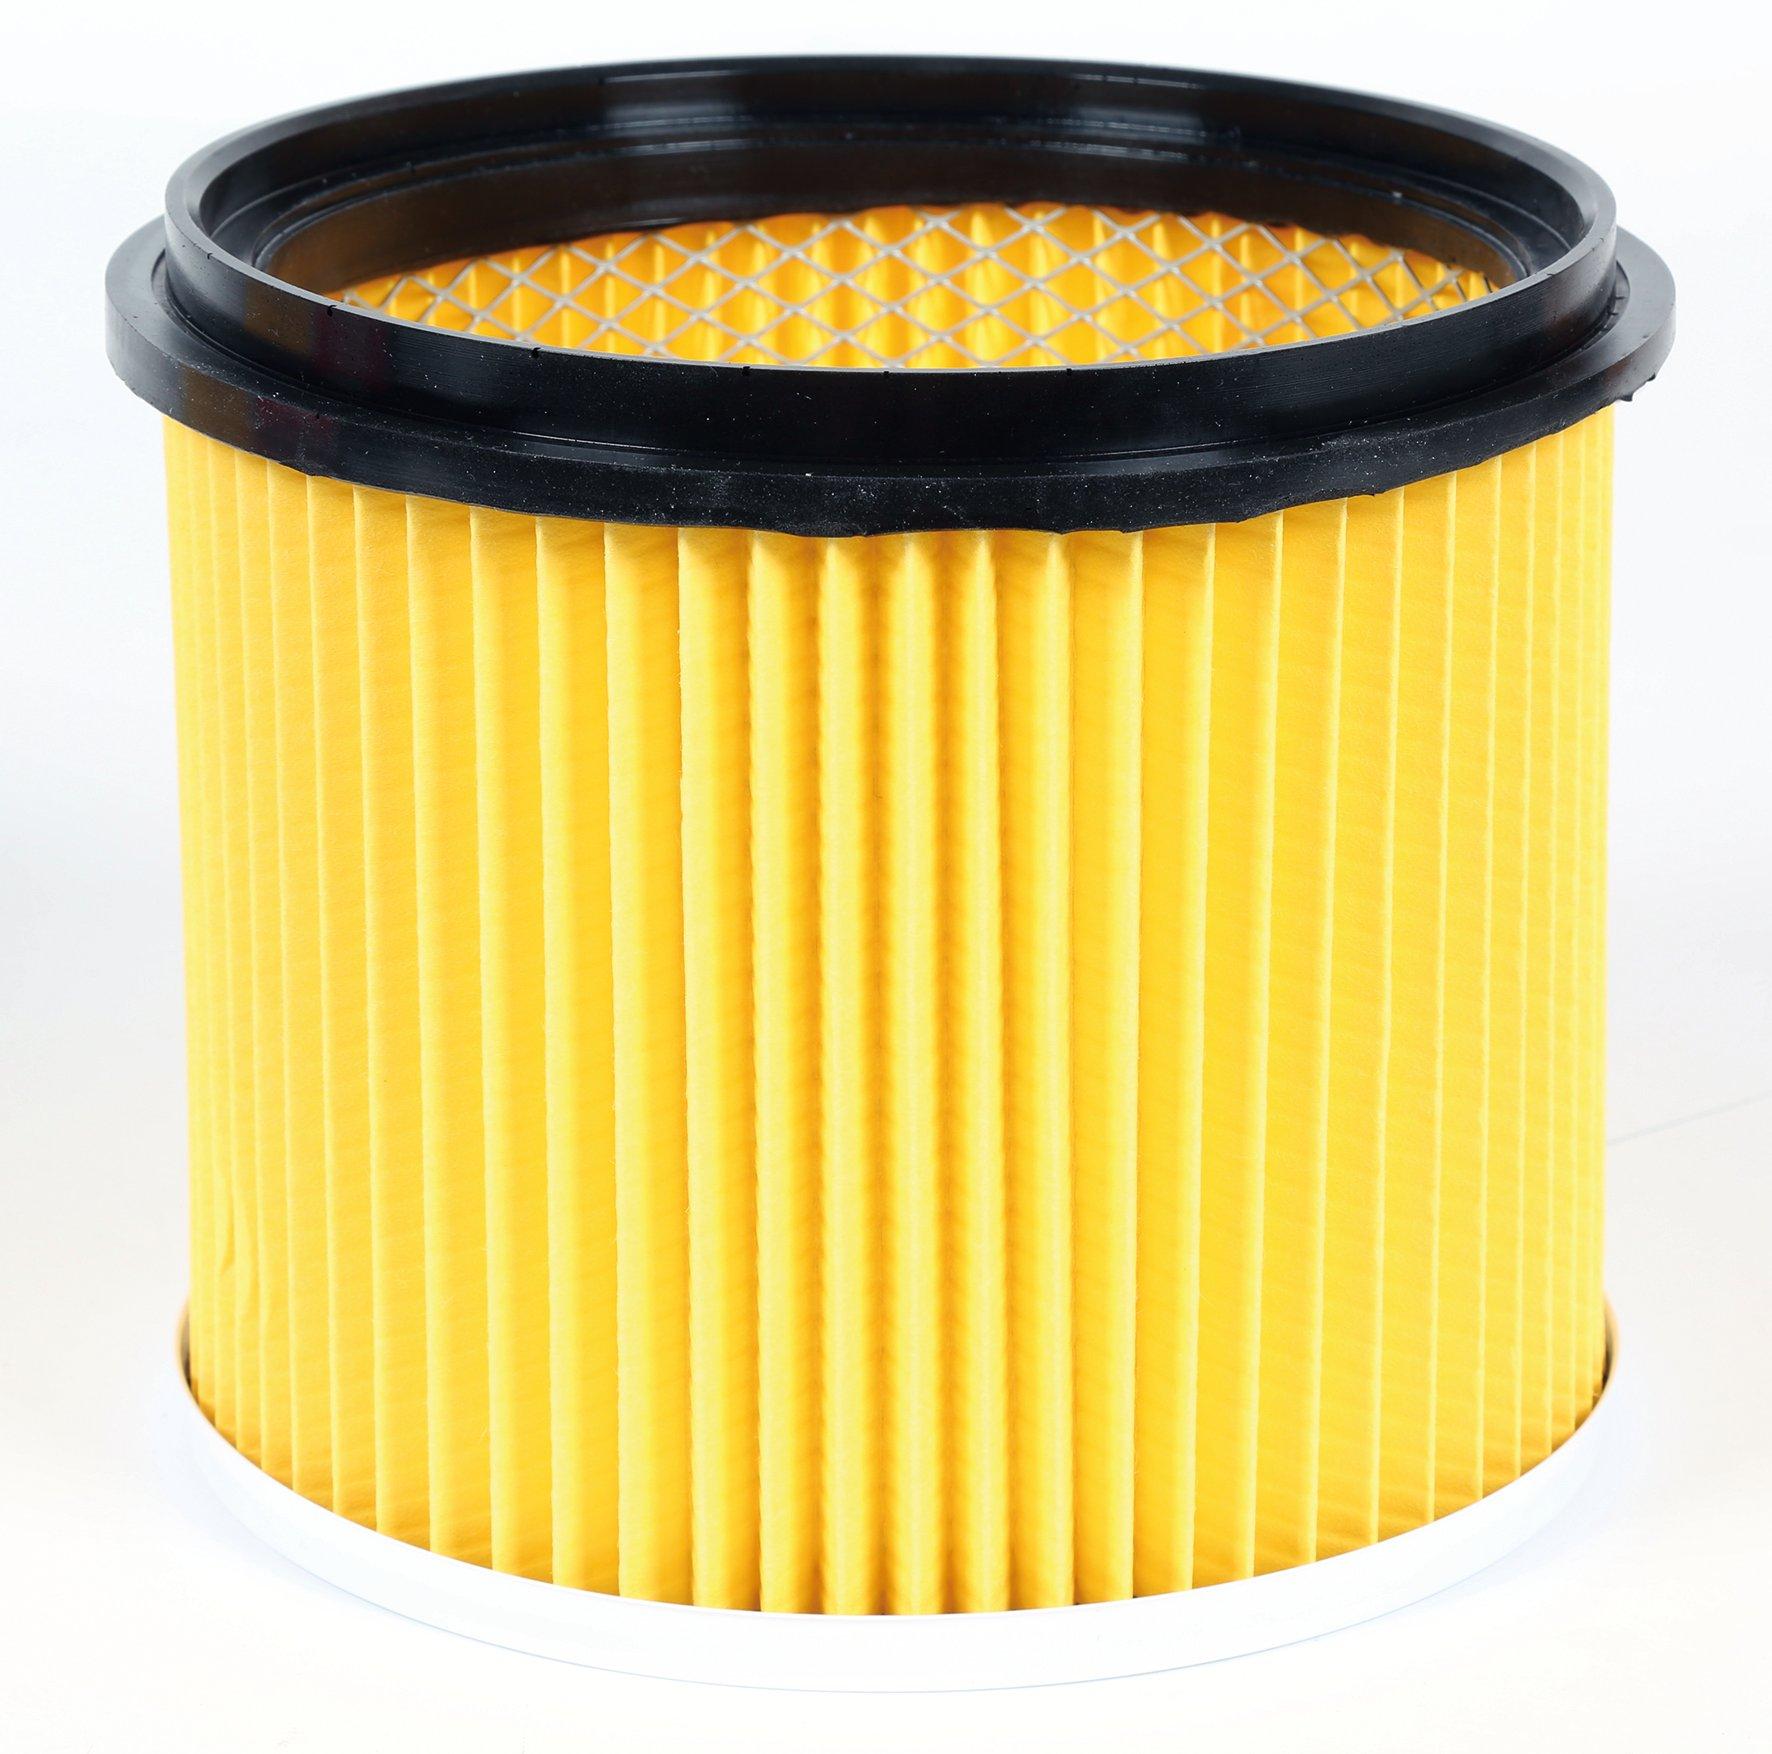 Plisseret filter, tilbehør til våd-/tørstøvsuger